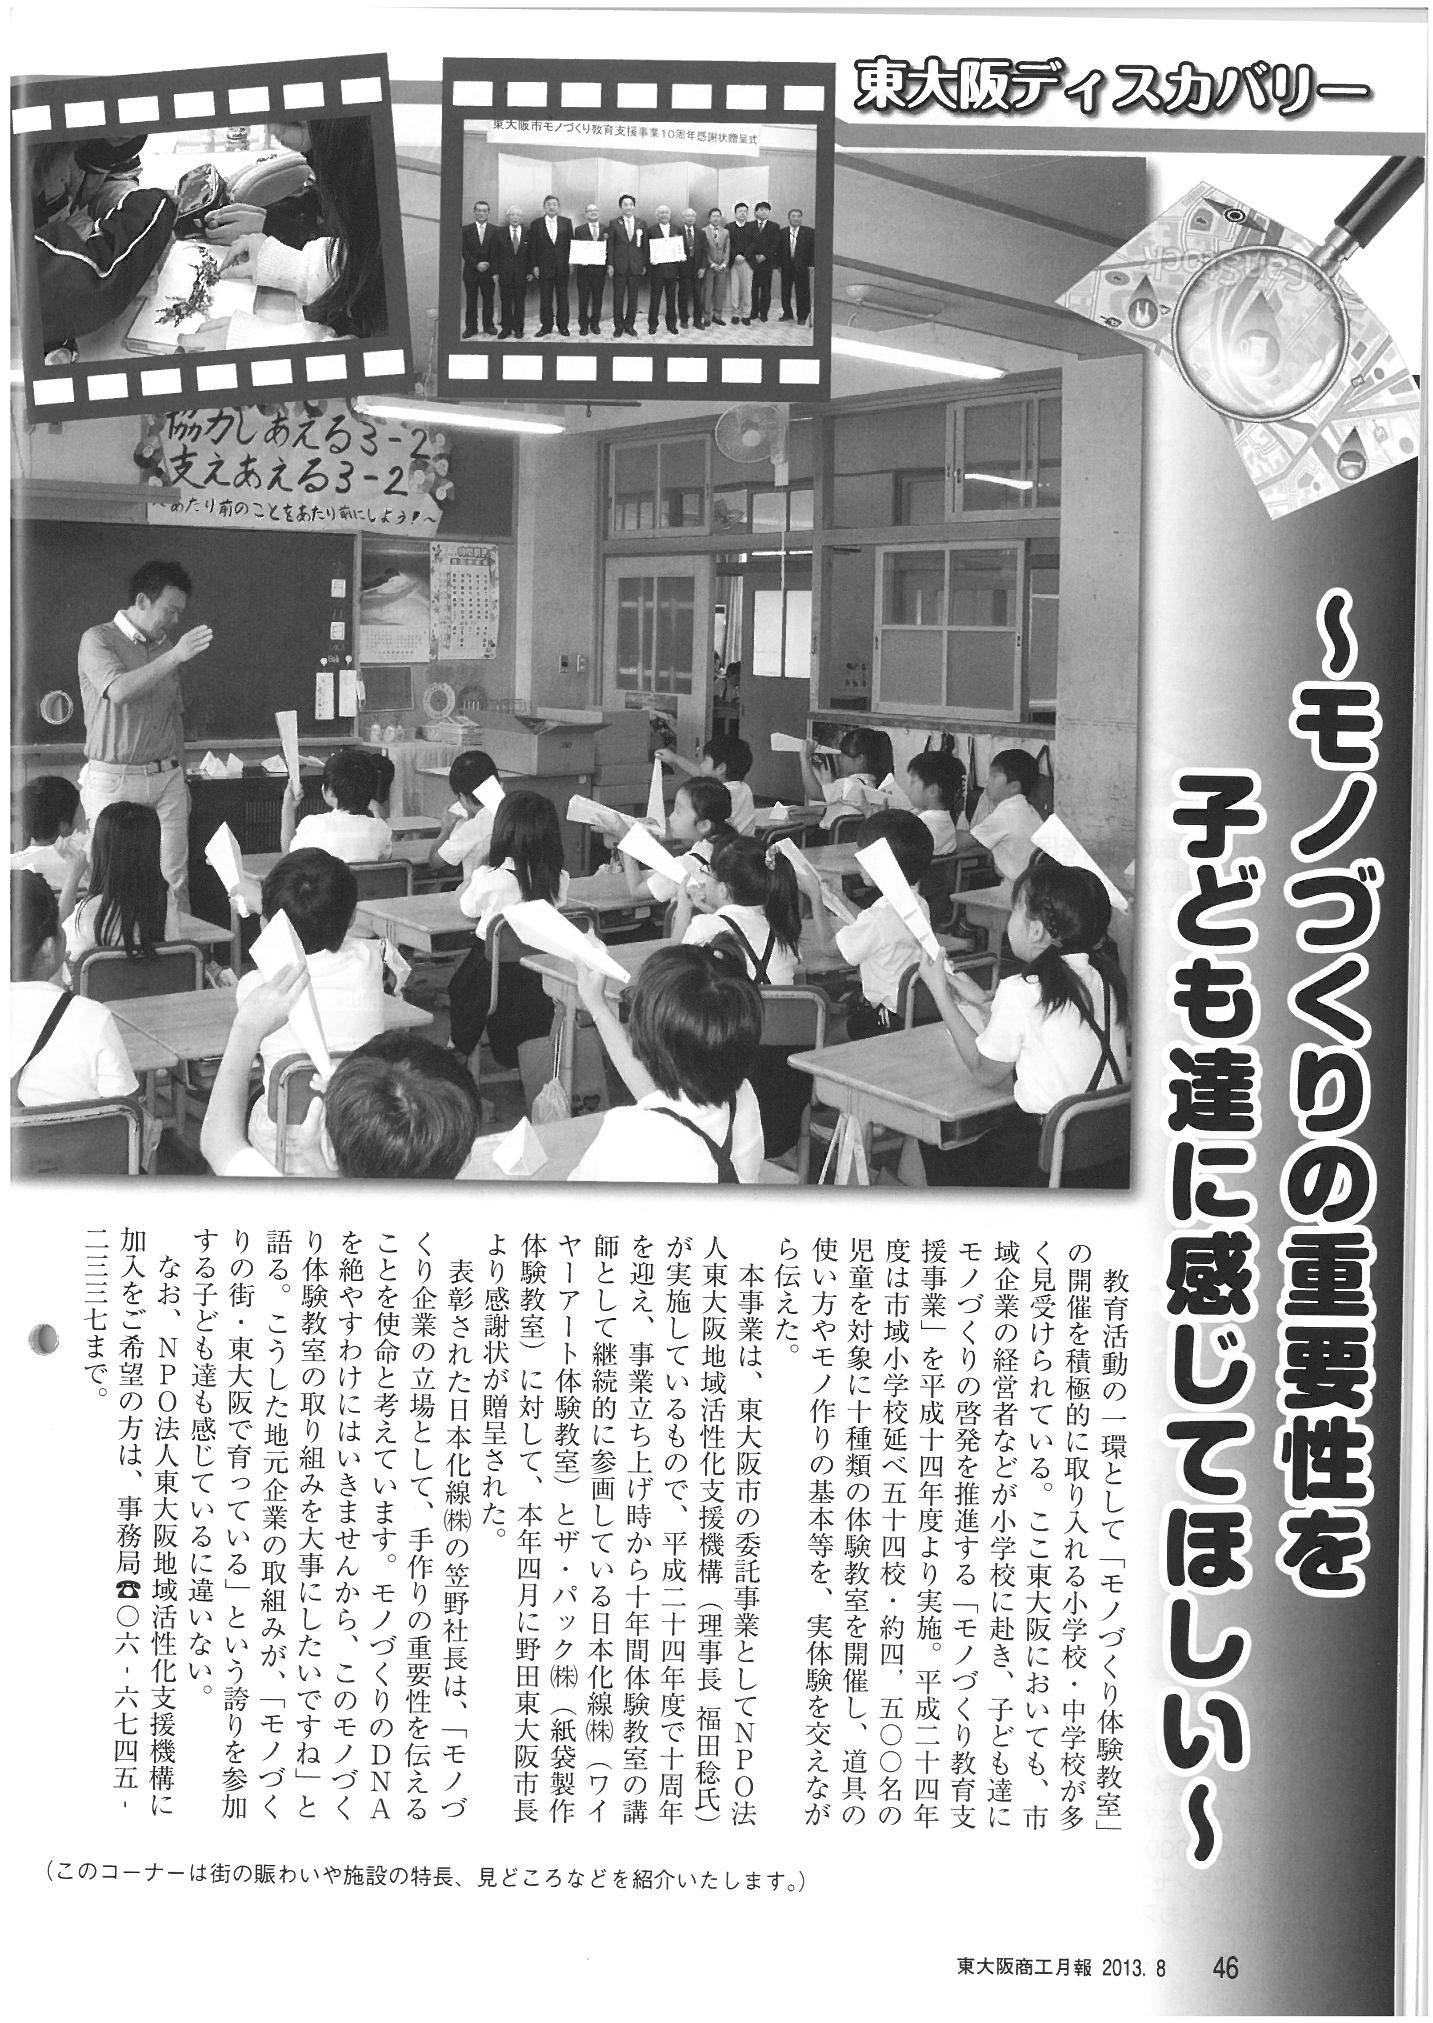 東大阪商工会議所「商工月報」掲載記事〜モノづくりの重要性を子どもたちに感じて欲しい〜